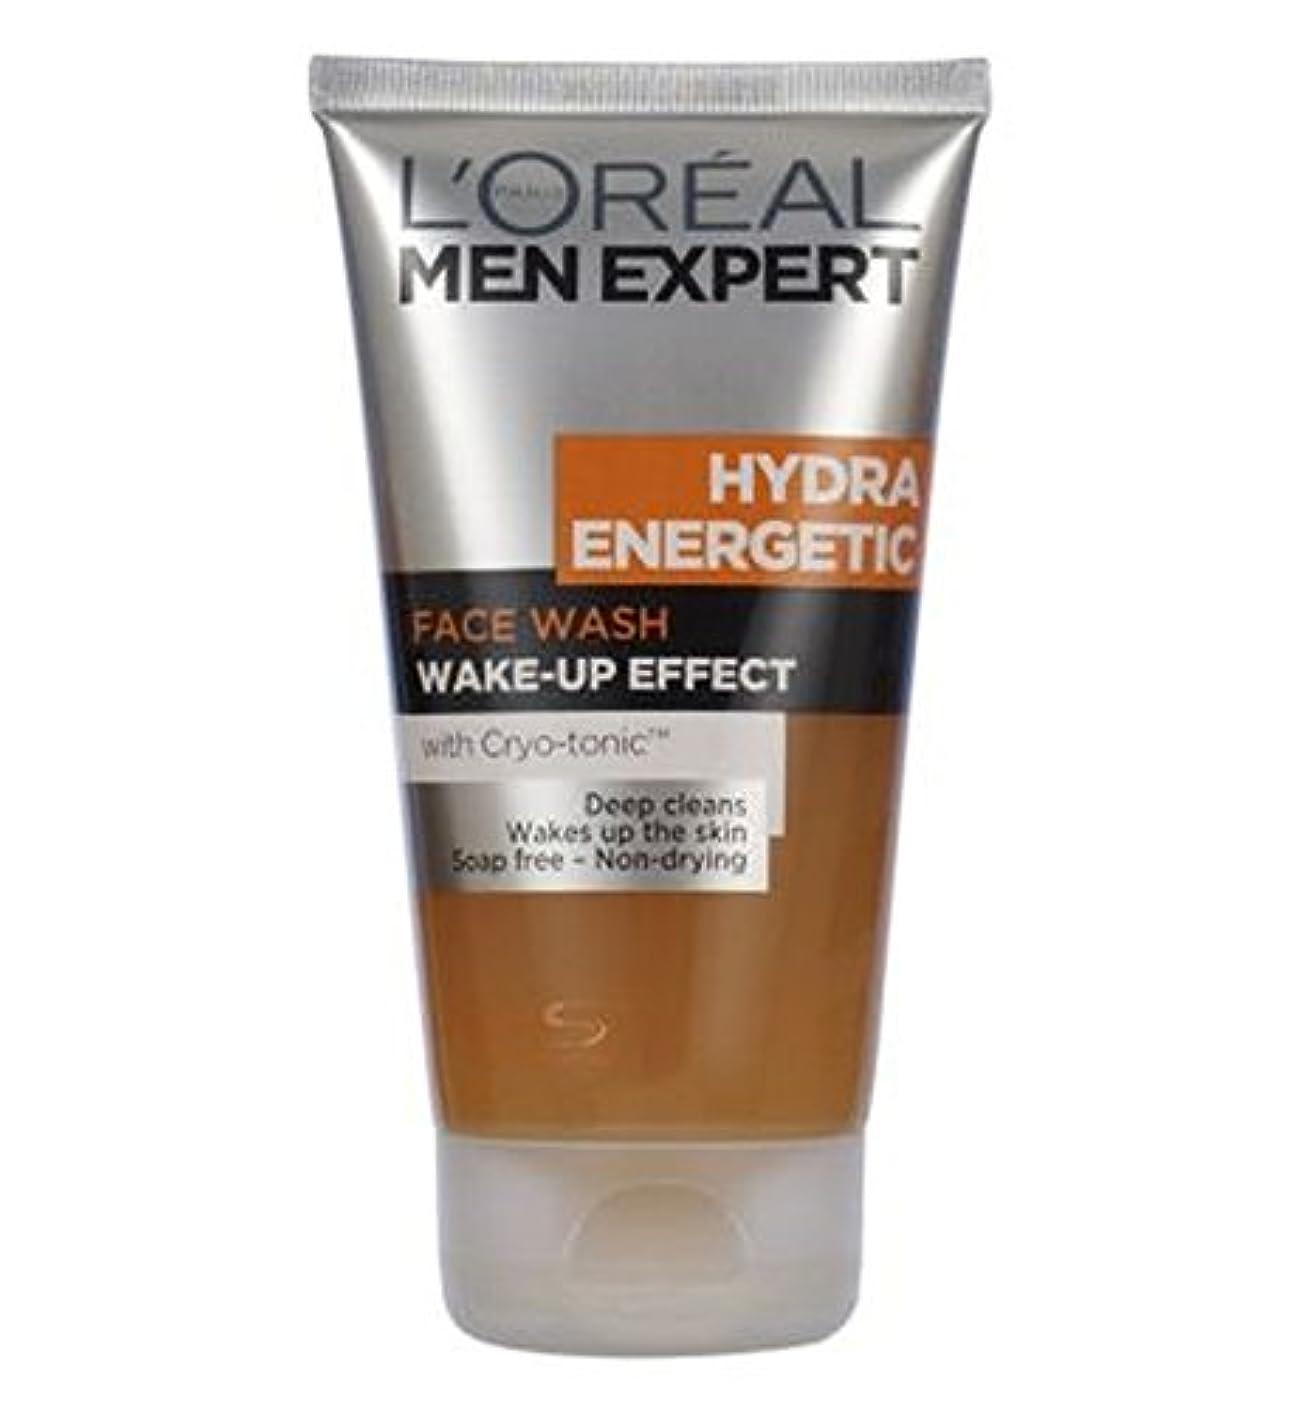 迷彩ミュート動機L'Oreal Men Expert Hydra Energetic Face Wash 150ml - ロレアルの男性の専門家ヒドラエネルギッシュな洗顔150ミリリットル (L'Oreal) [並行輸入品]